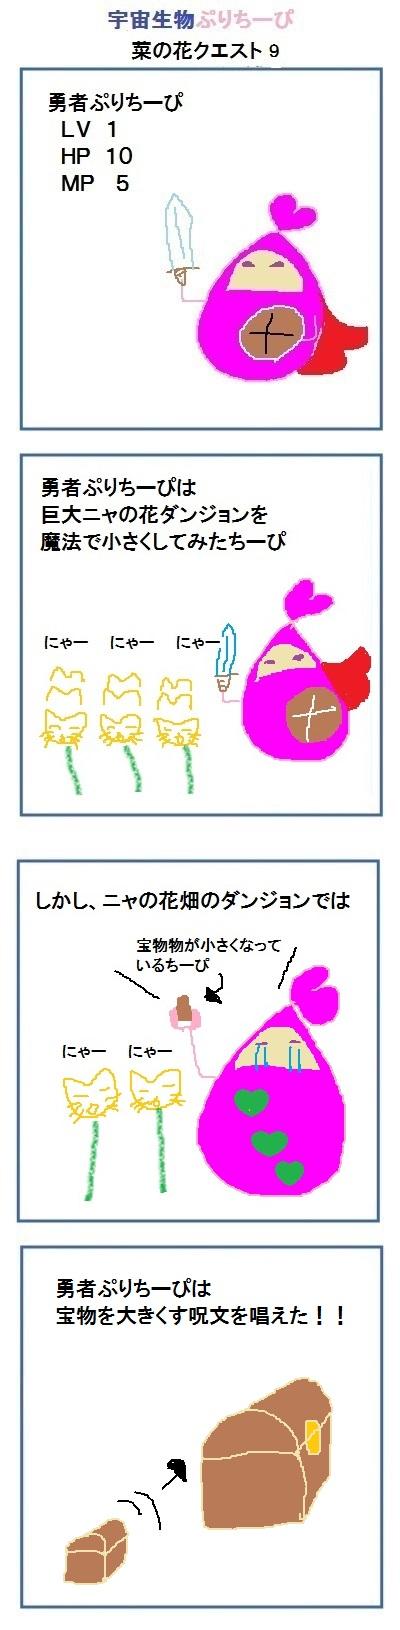 160323菜の花10